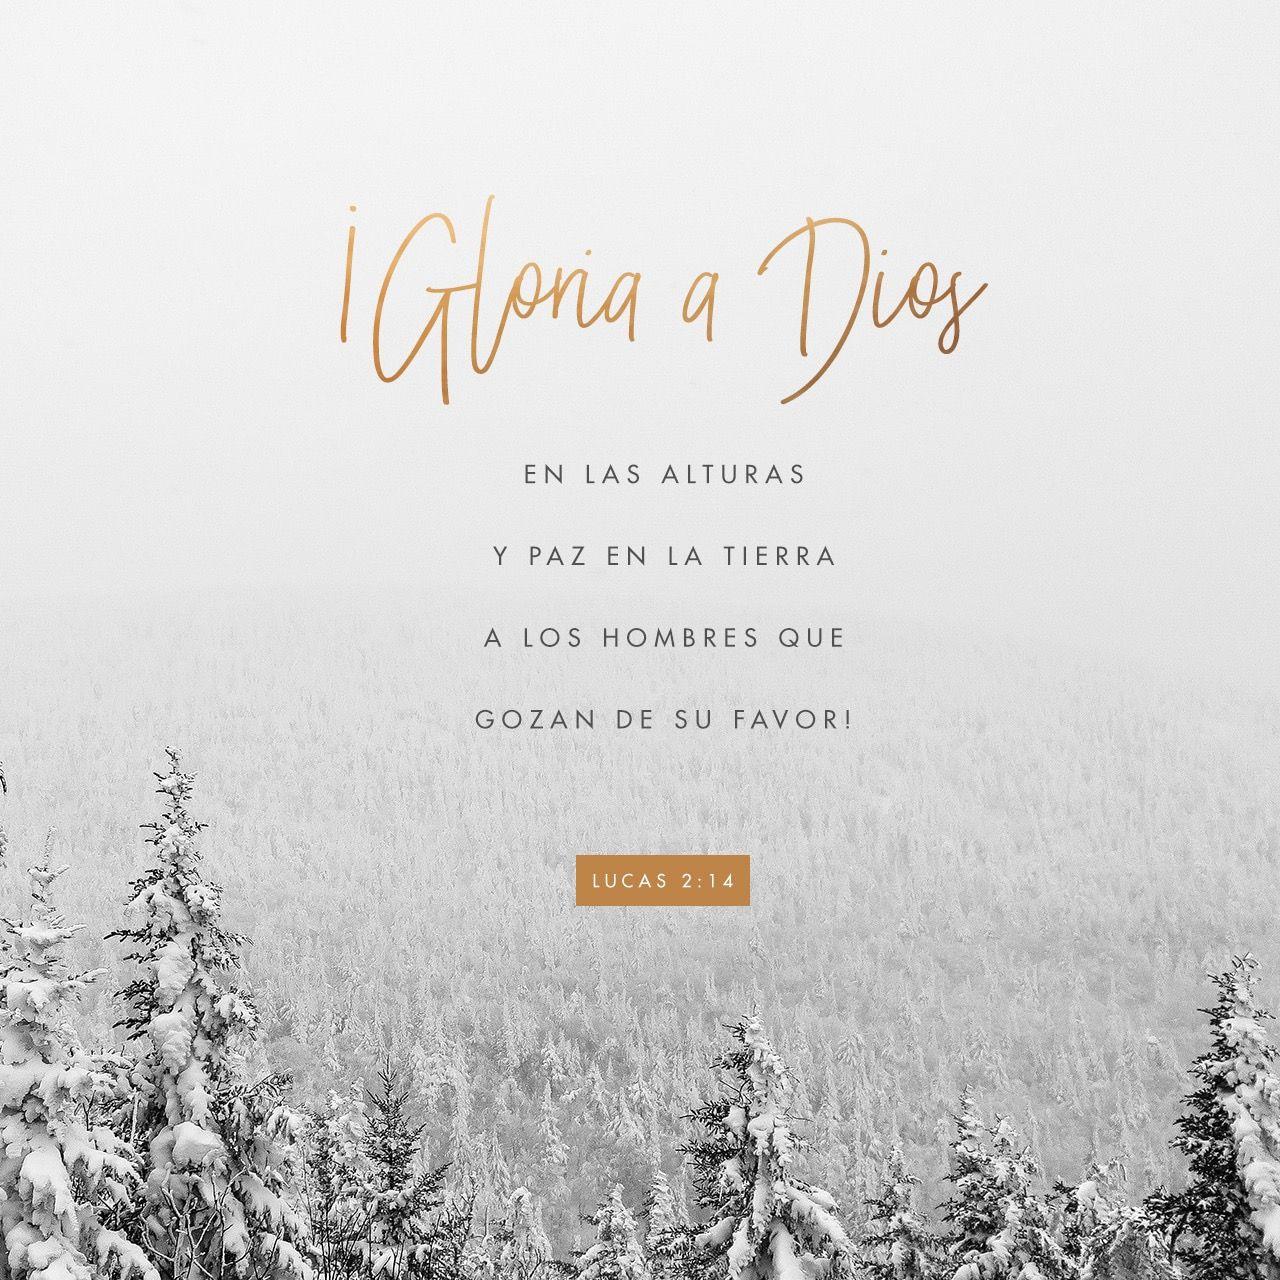 Pin En Citas Biblicas Para El Espíritu